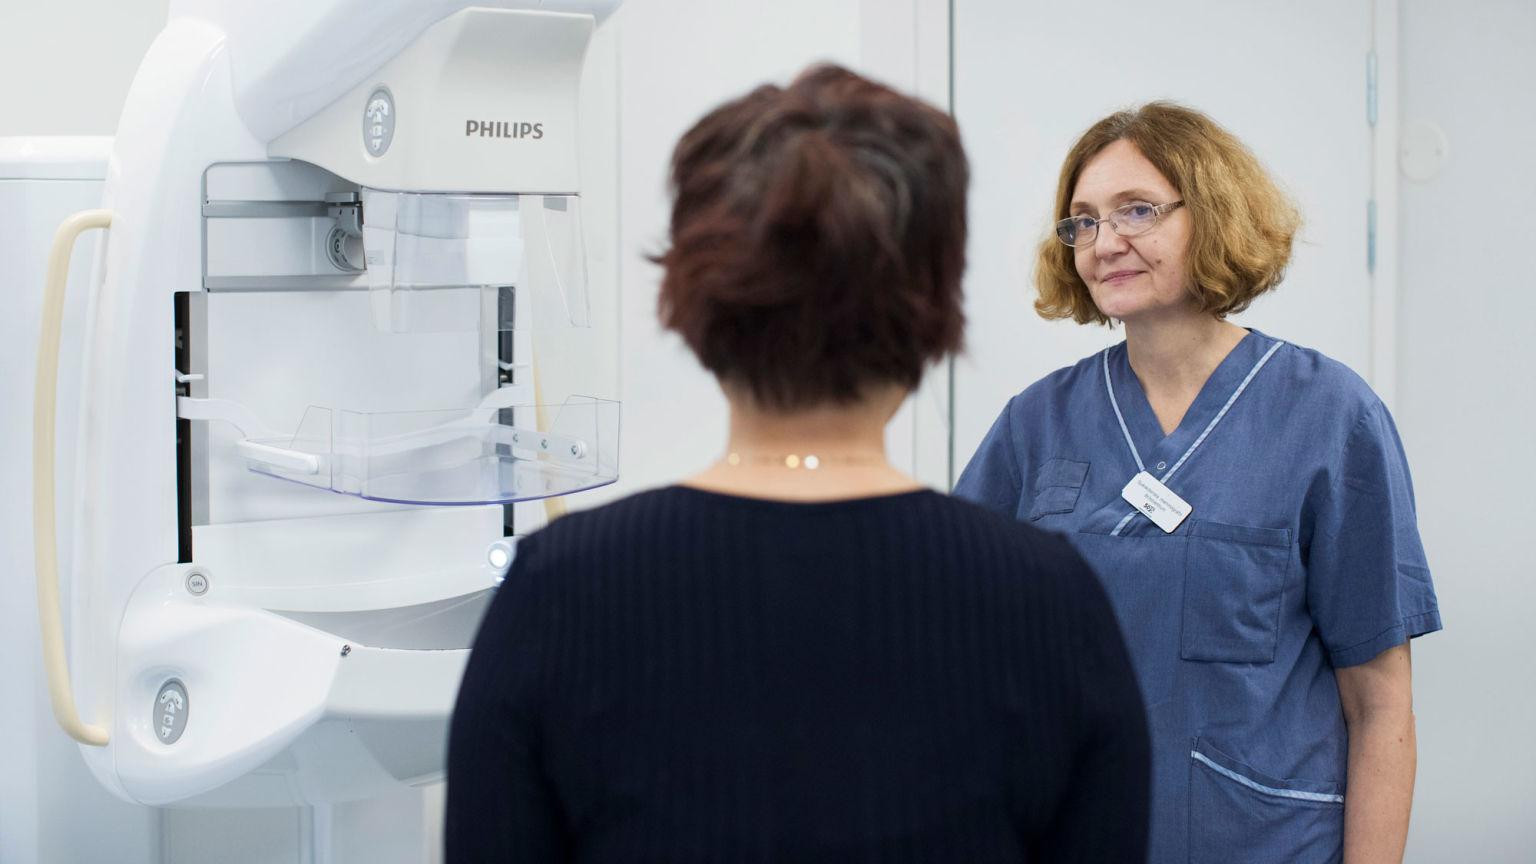 Kvinna på mammografiundersökning framför en röntgenapparat.